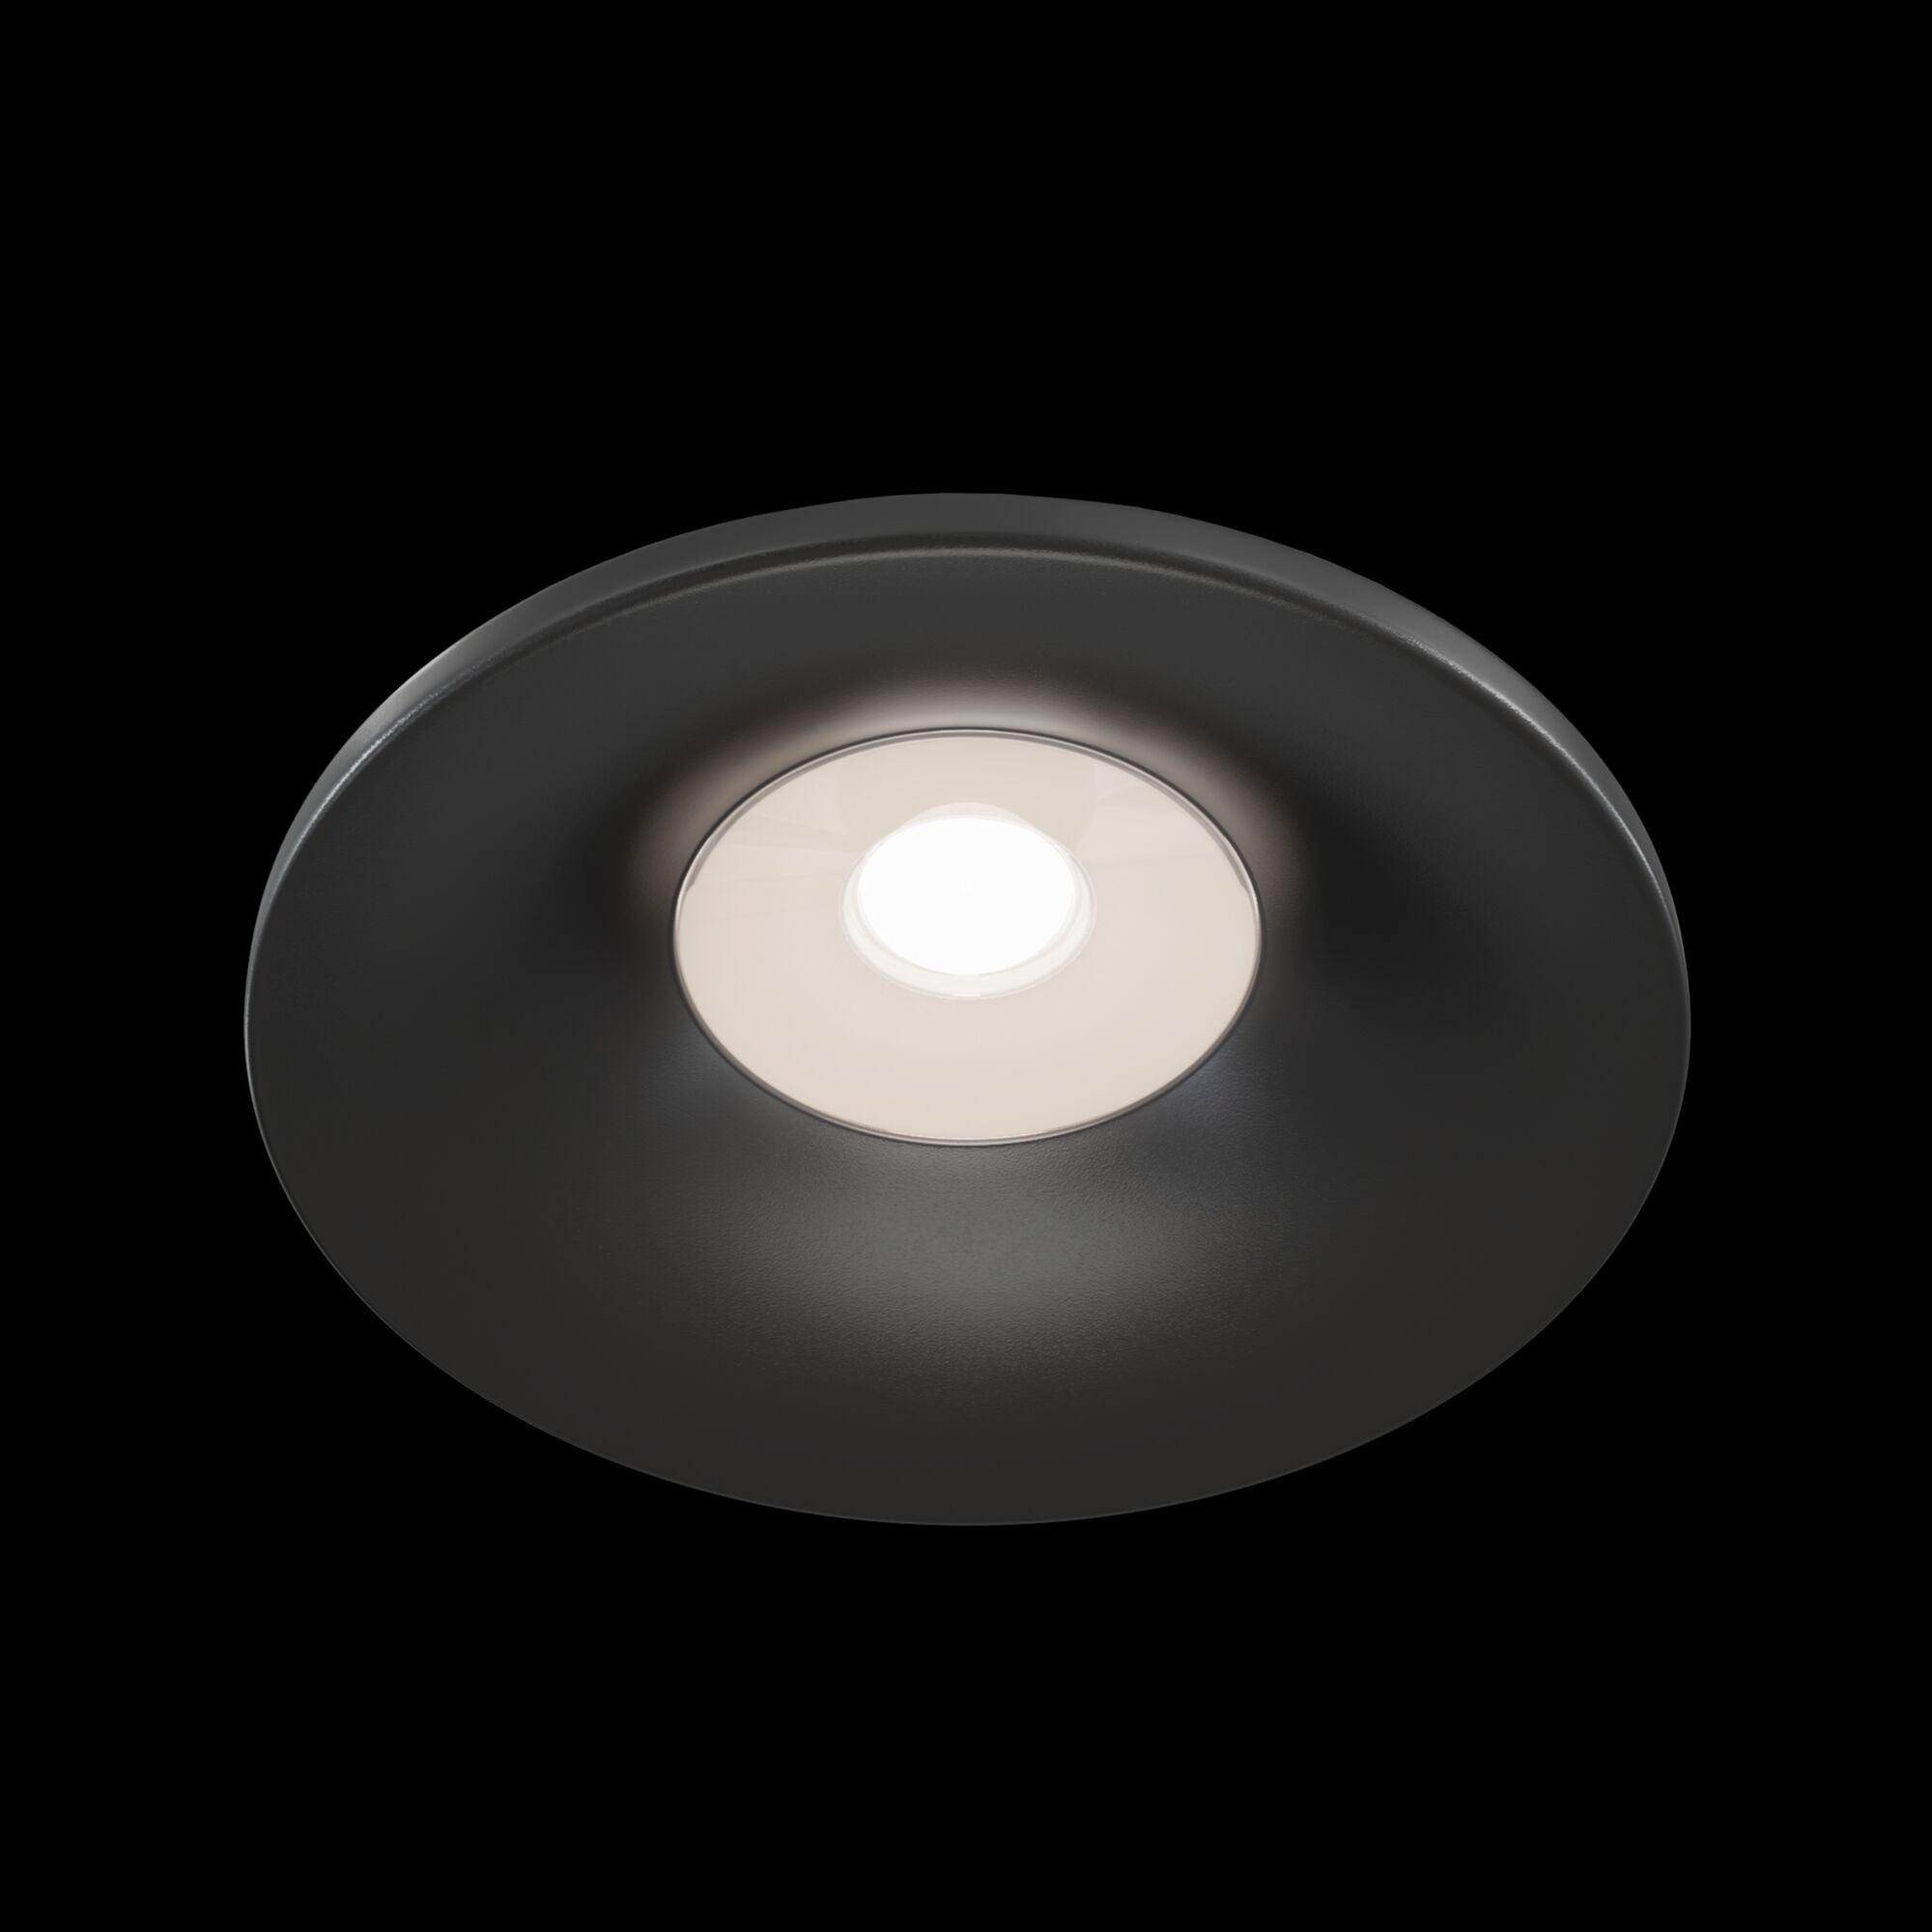 Встраиваемый светильник Technical Barret DL041-01B